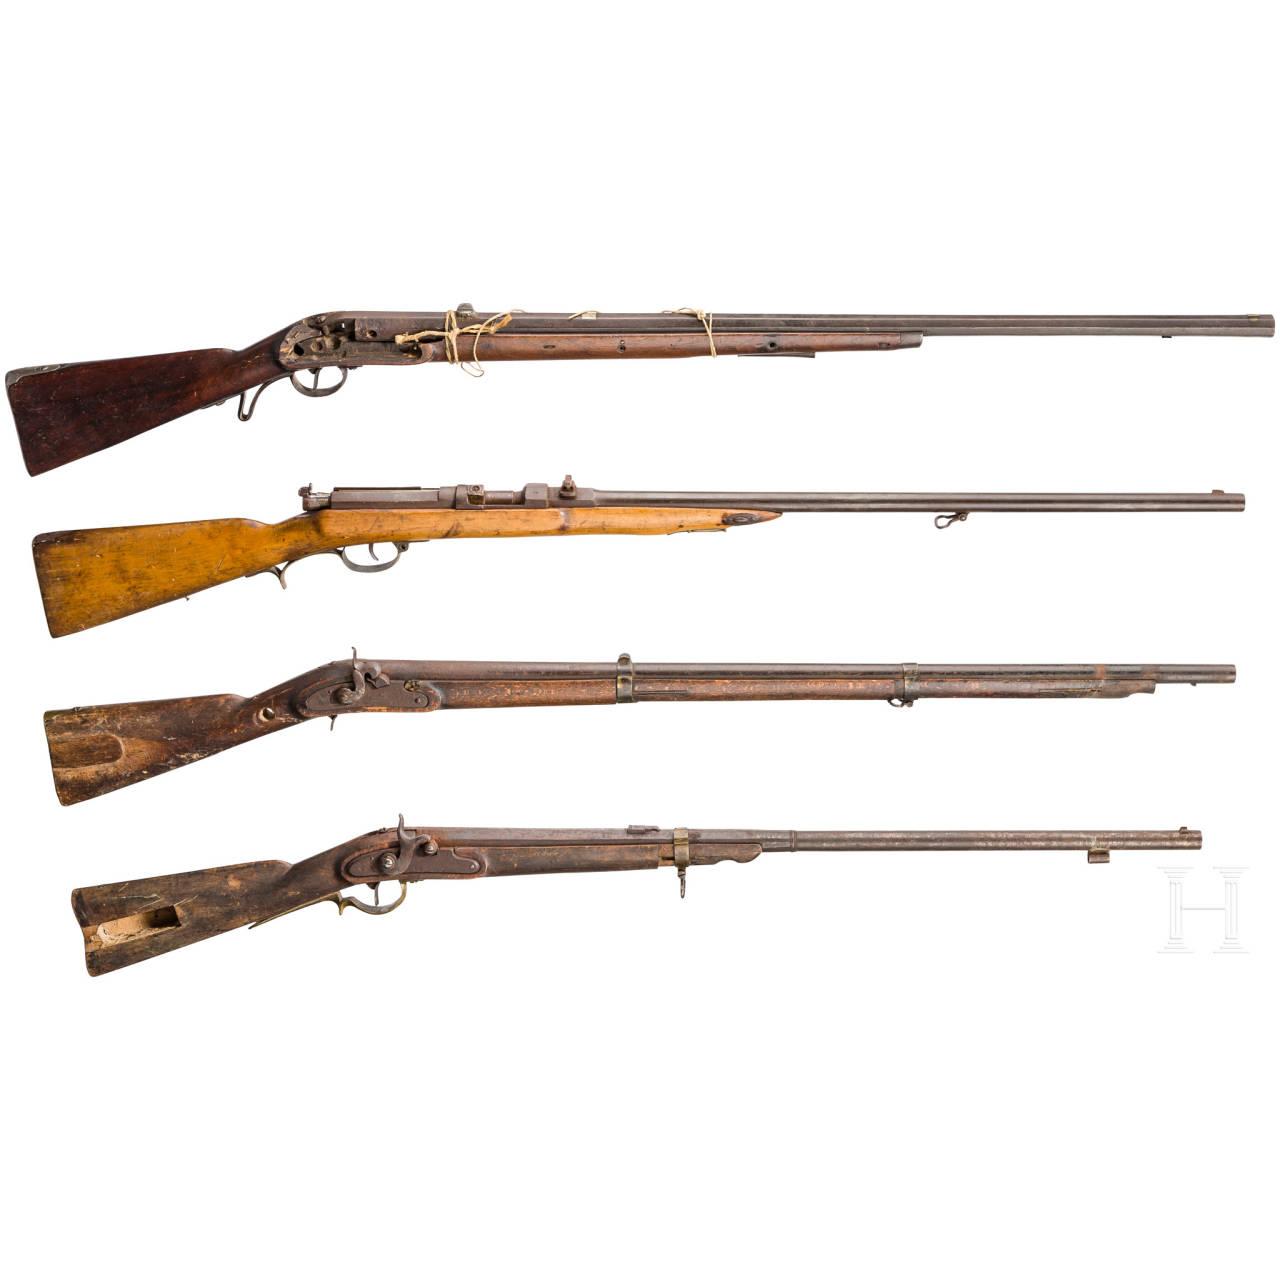 Vier jagdlich abgeänderte Gewehre, 19. Jhdt.